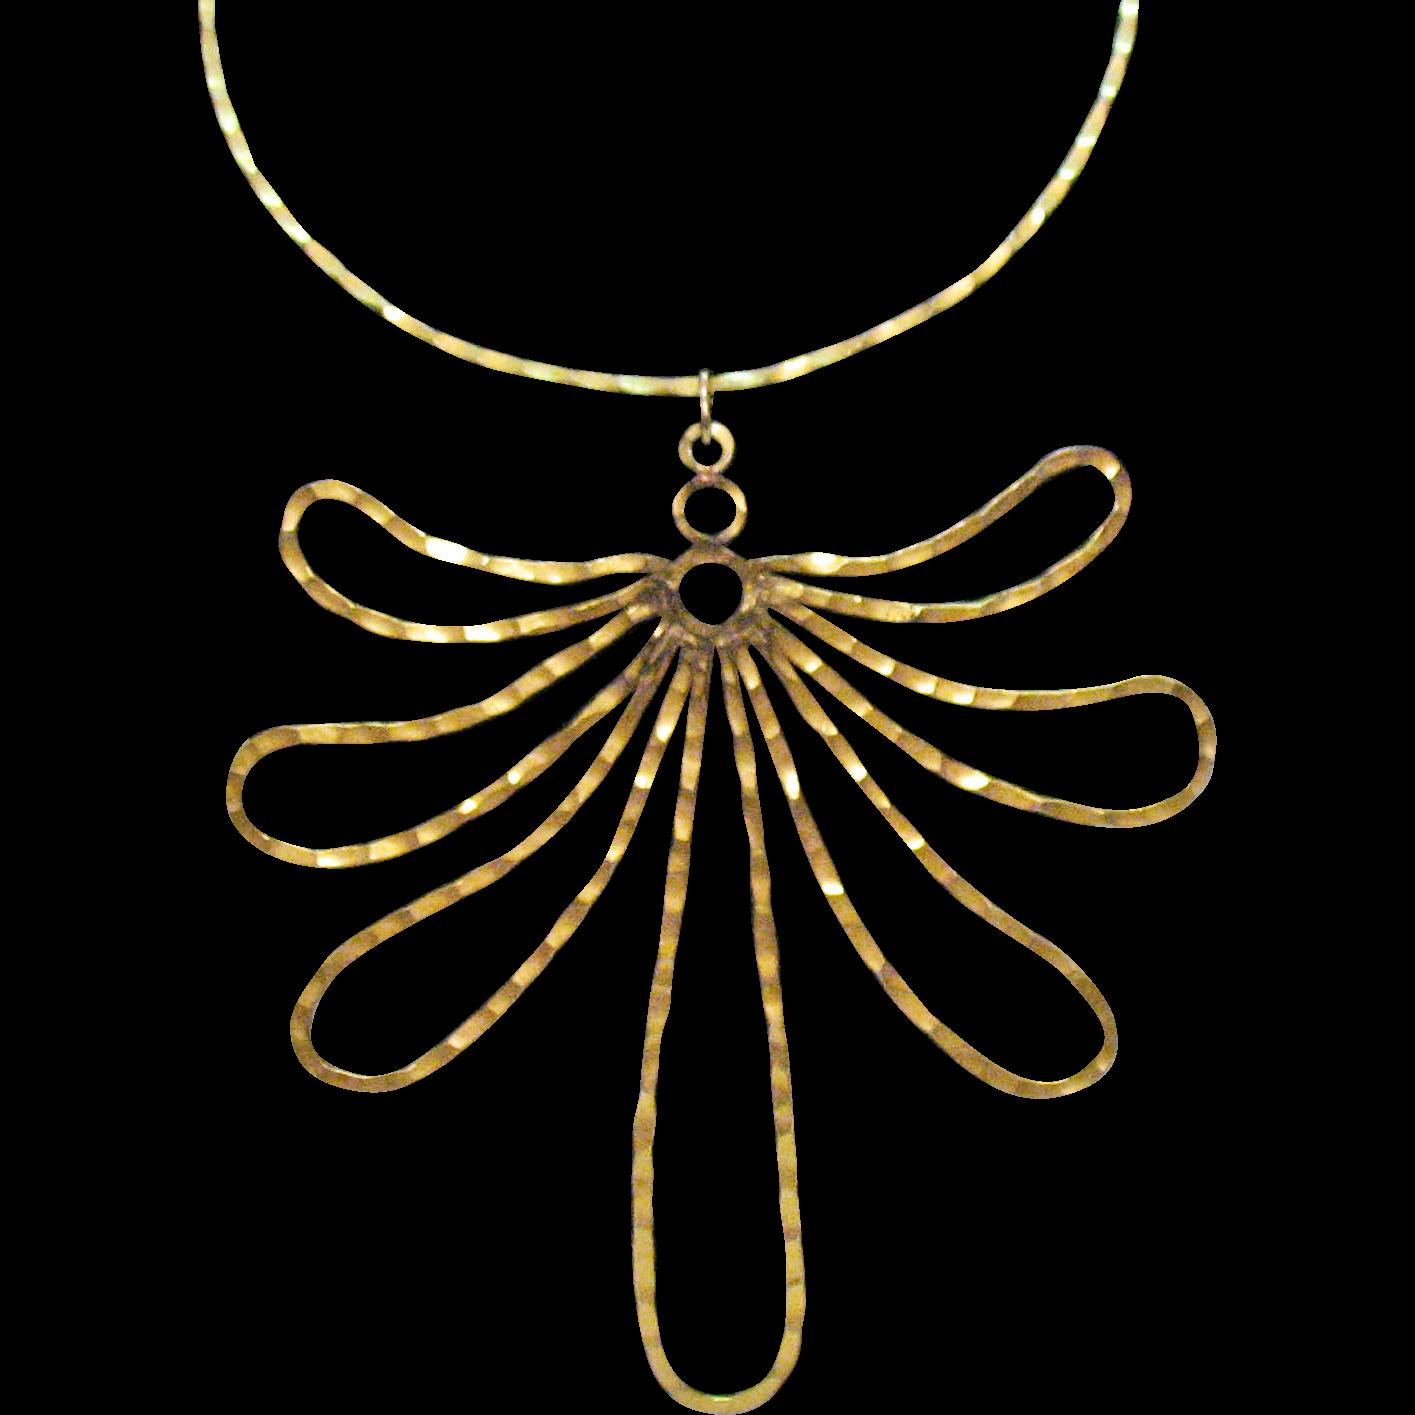 Big Bold Vintage Hammered Brass Floral Choker Necklace